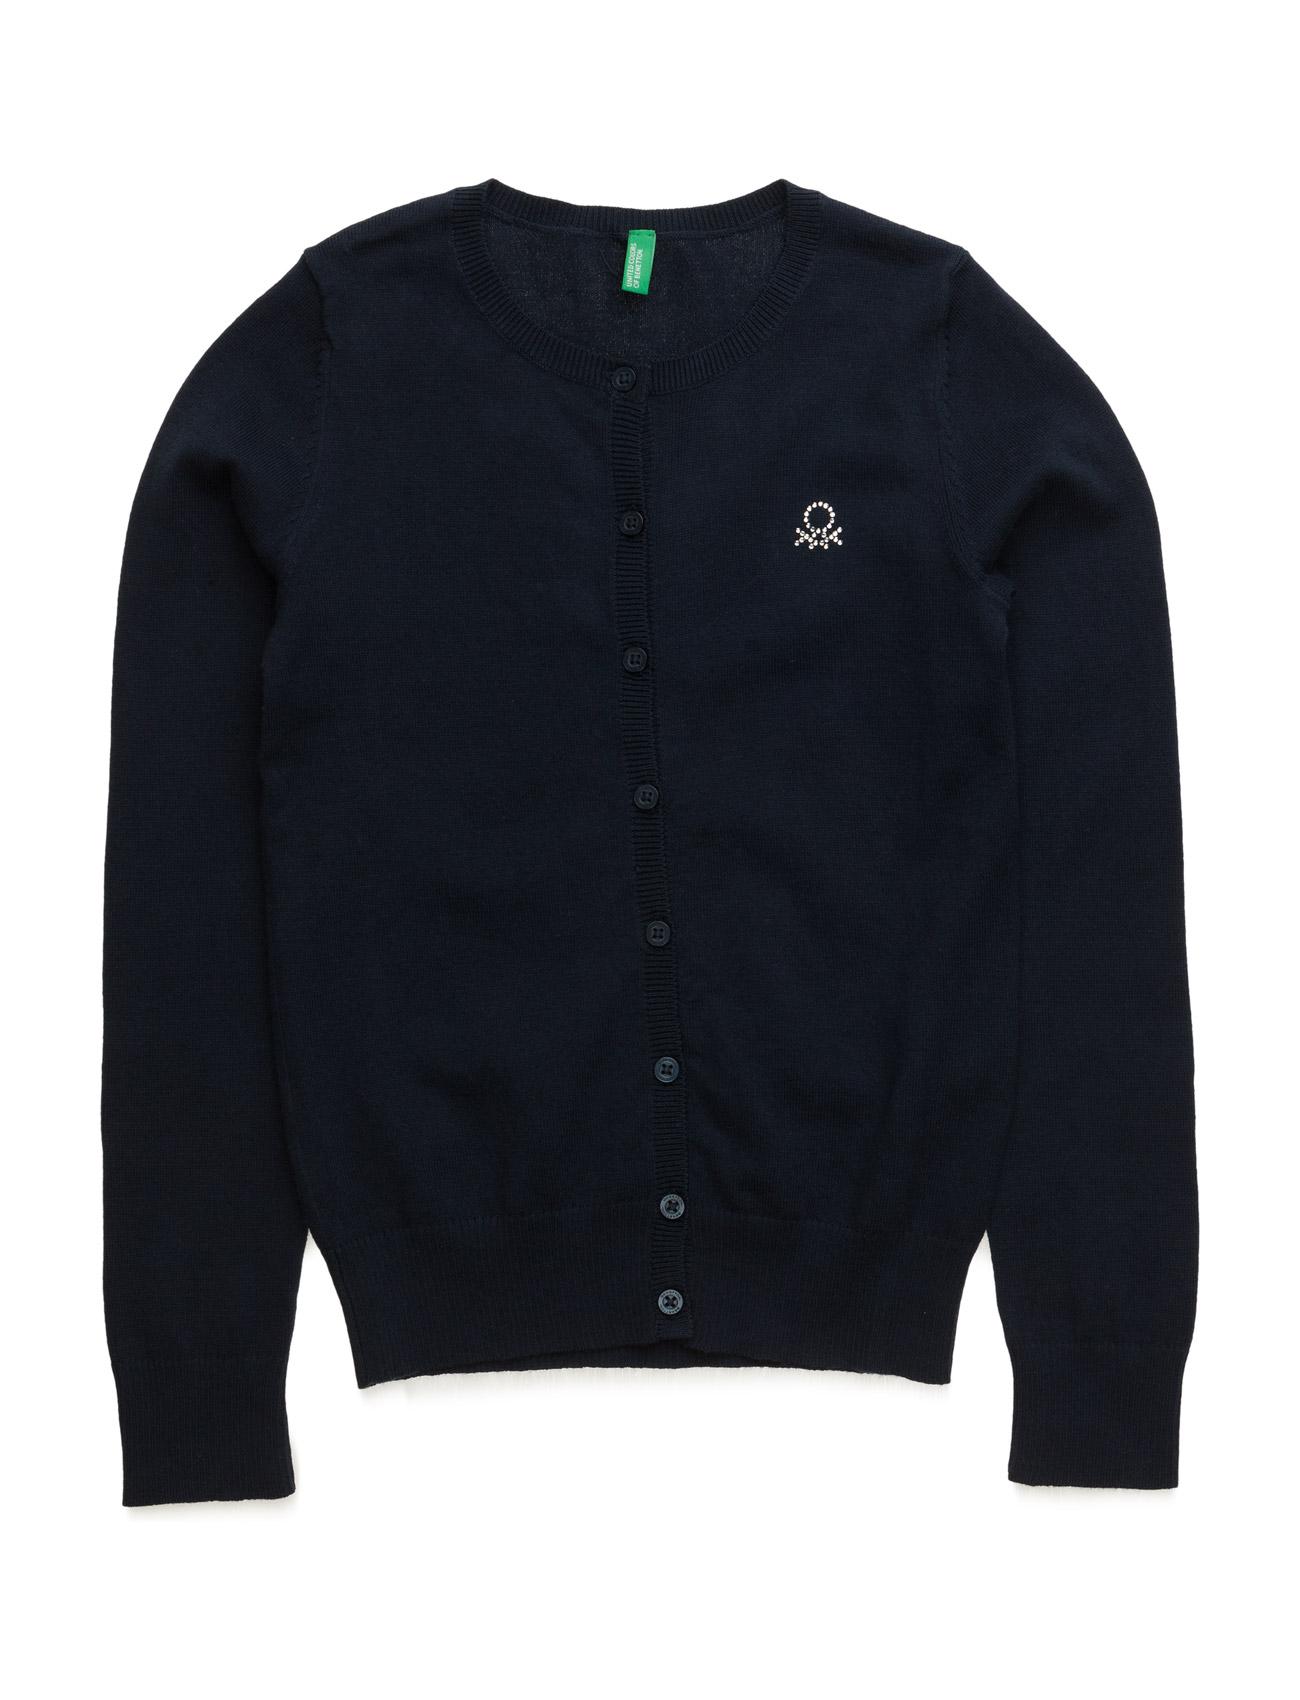 L/S Sweater United Colors of Benetton  til Børn i